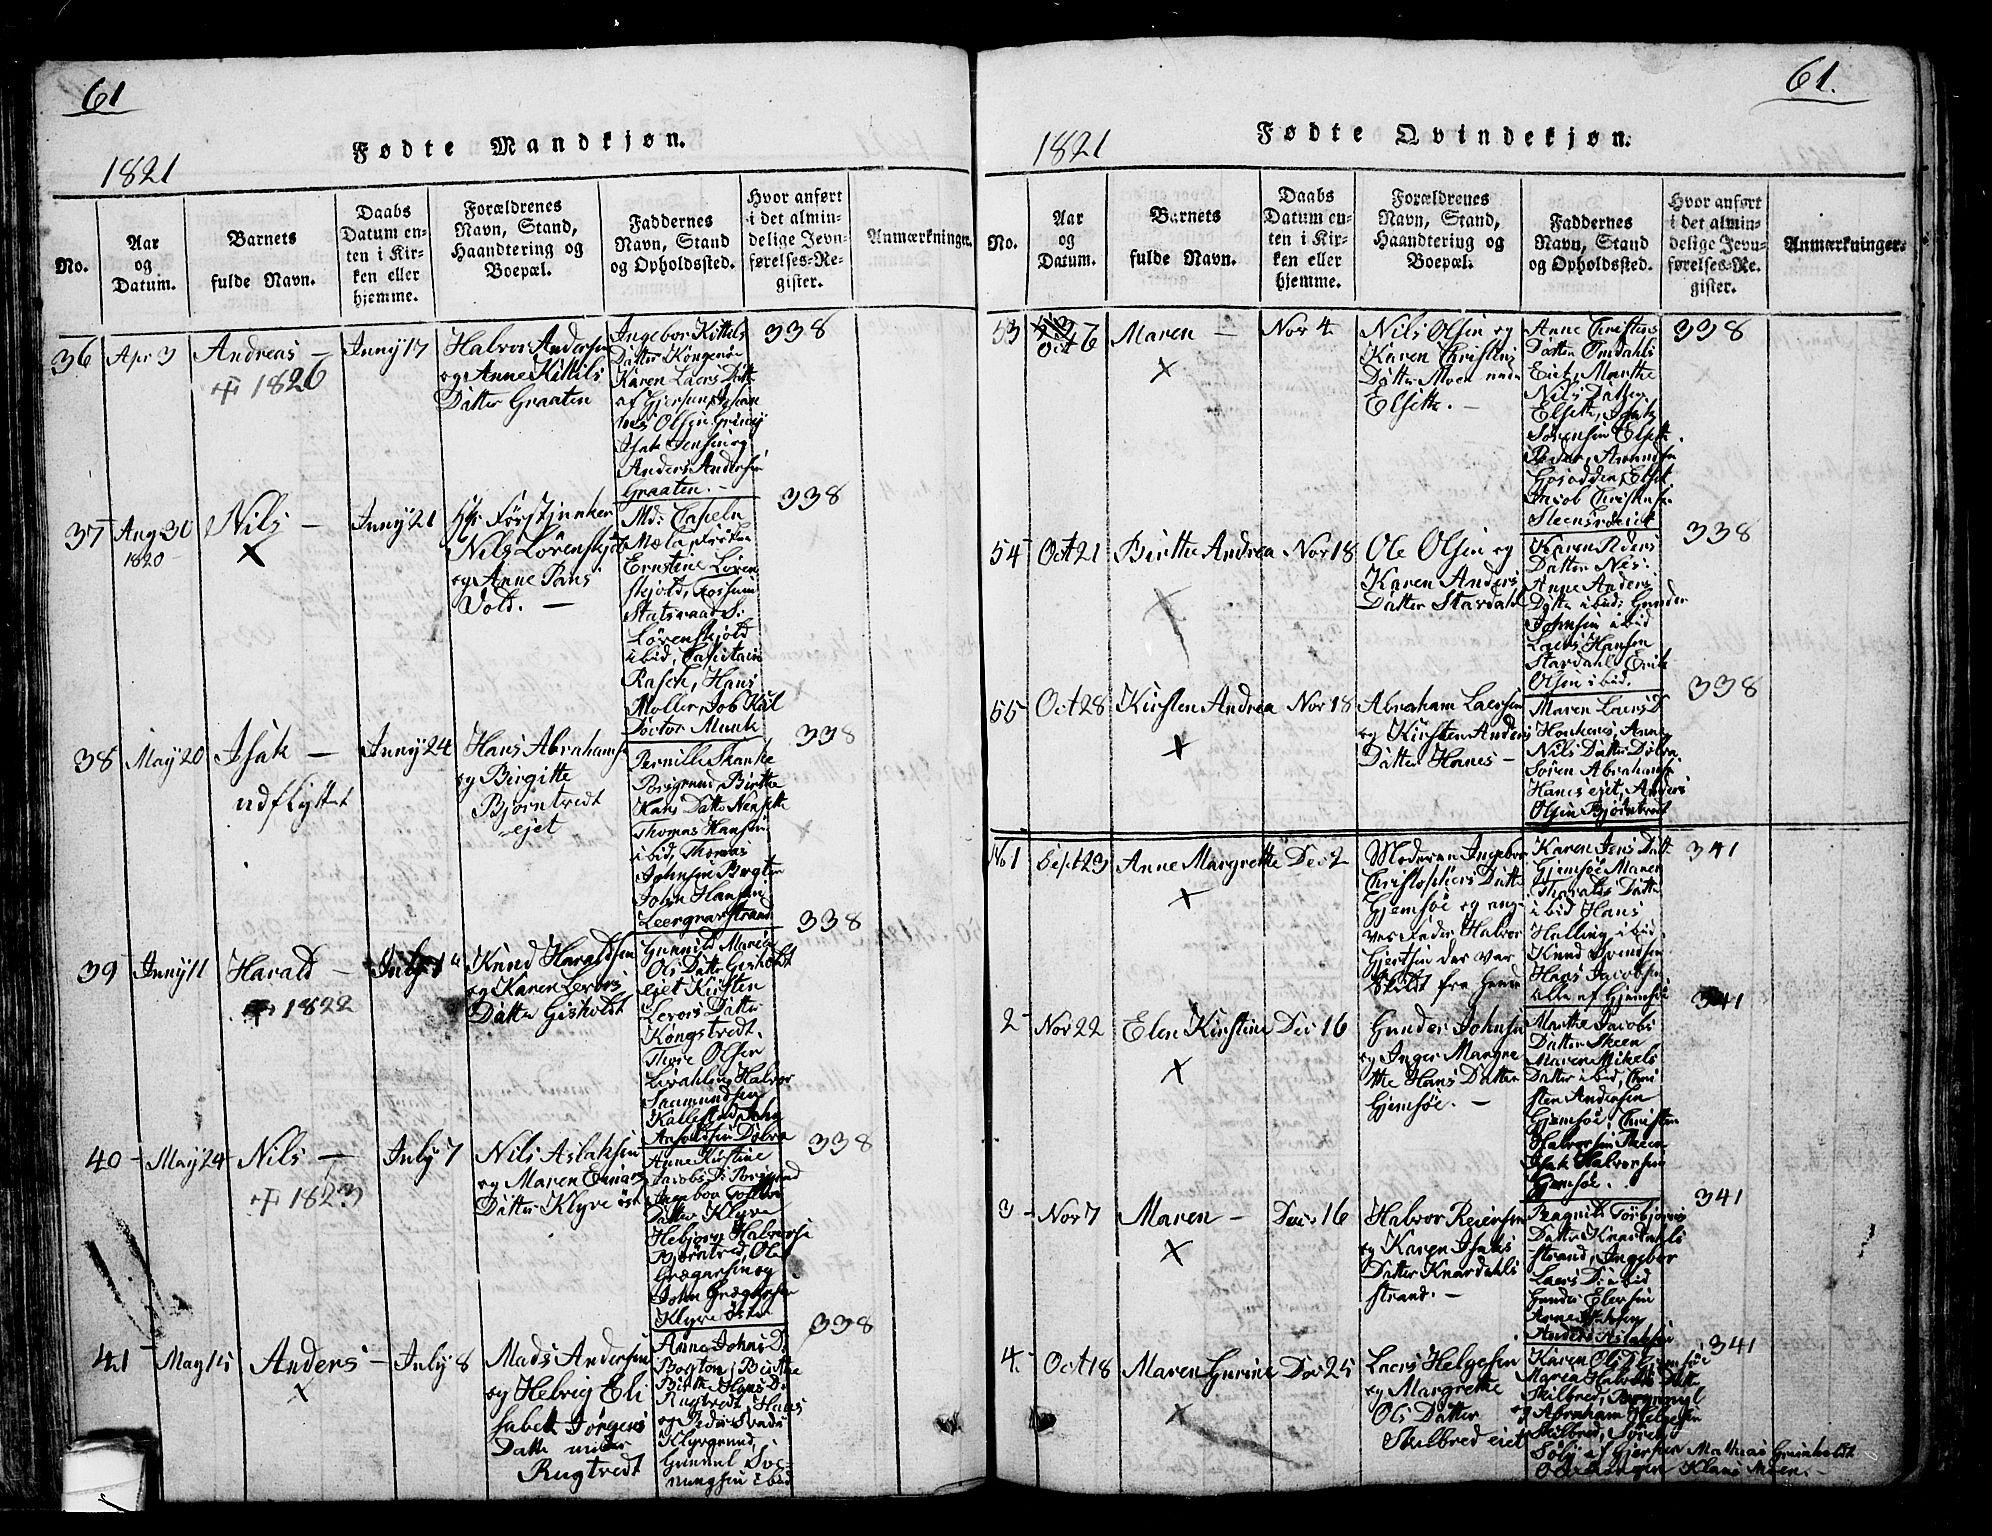 SAKO, Solum kirkebøker, G/Ga/L0001: Klokkerbok nr. I 1, 1814-1833, s. 61